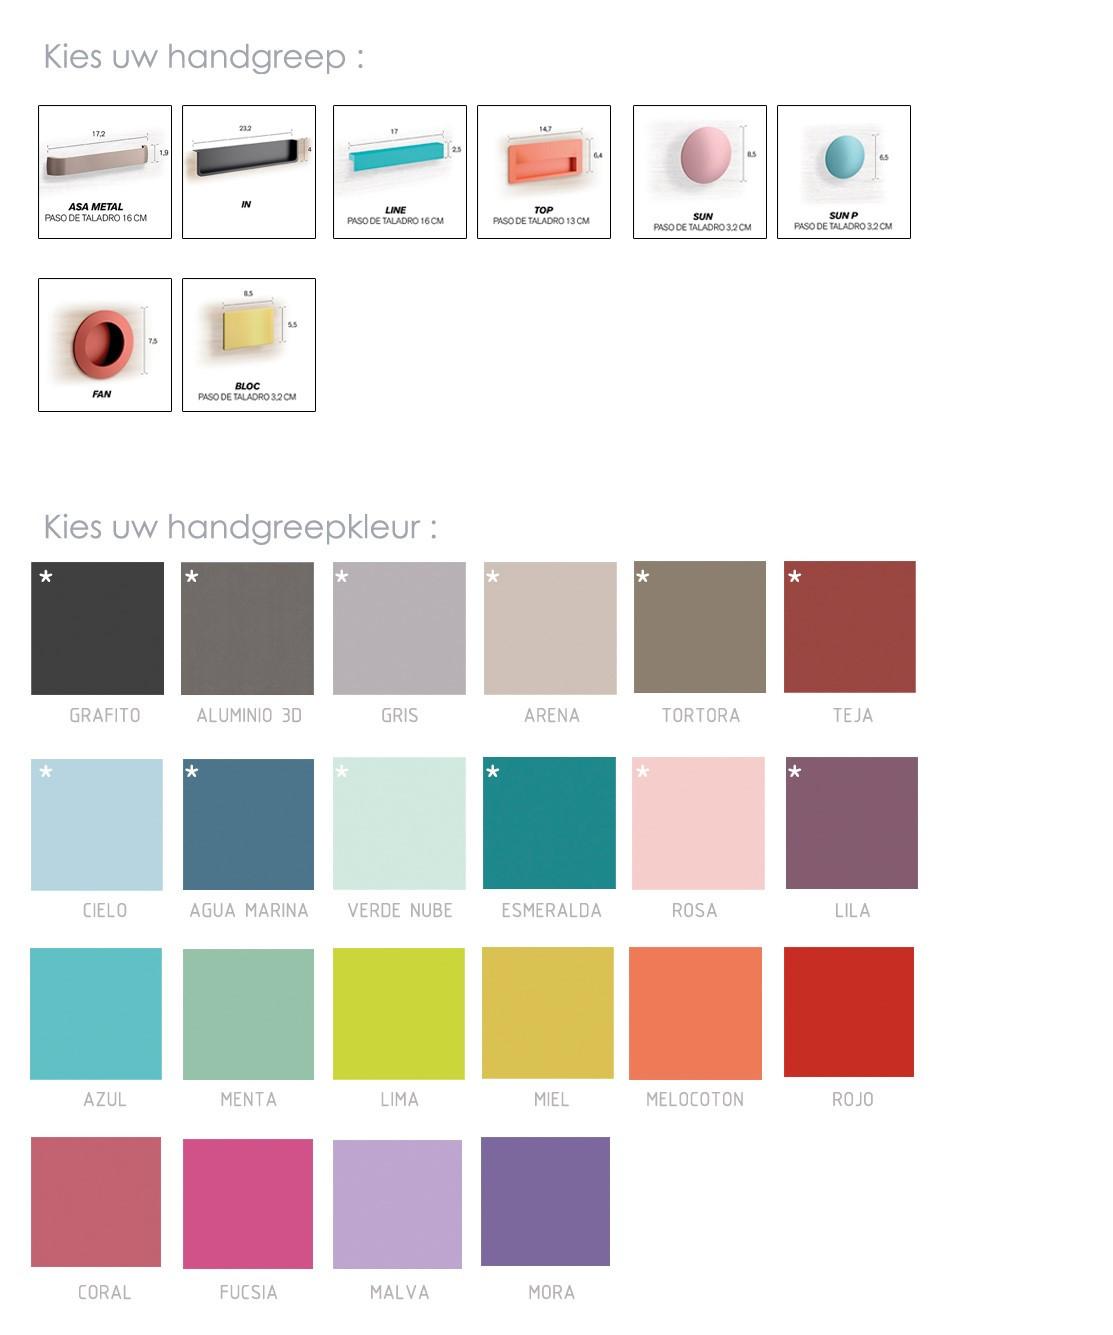 Jeugdkamer op maat online kopen kies zelf je kleur belgische webshop